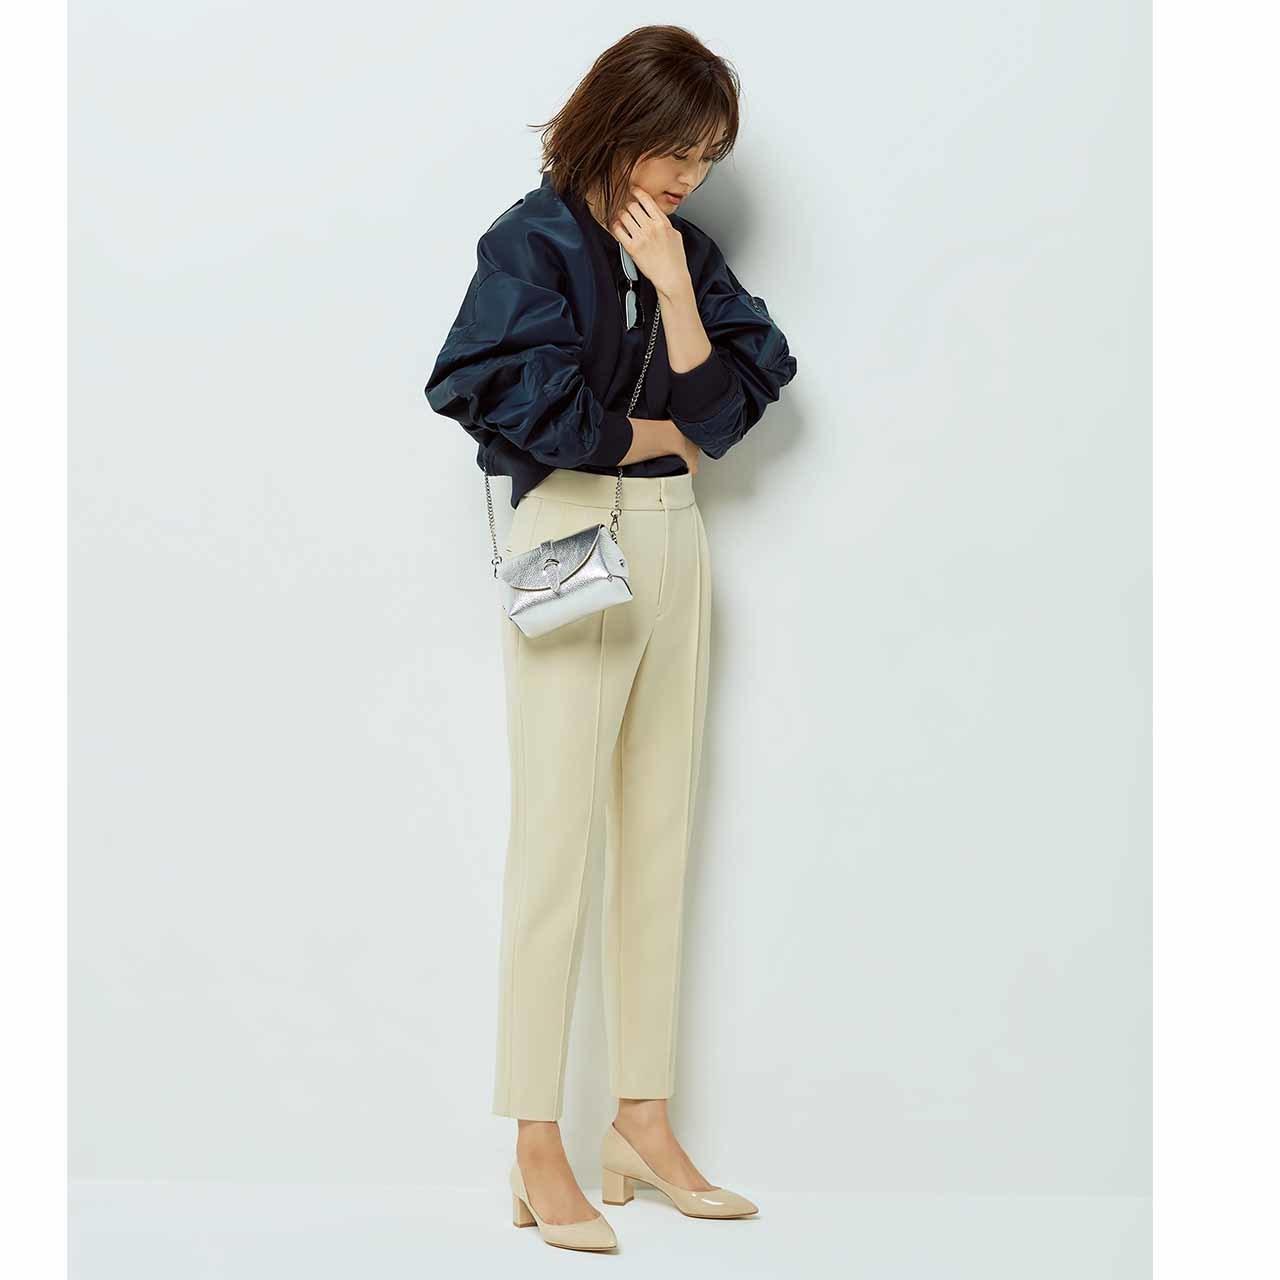 ネイビーのカジュアルジャケット×パンツコーデを着たモデルの高垣麗子さん